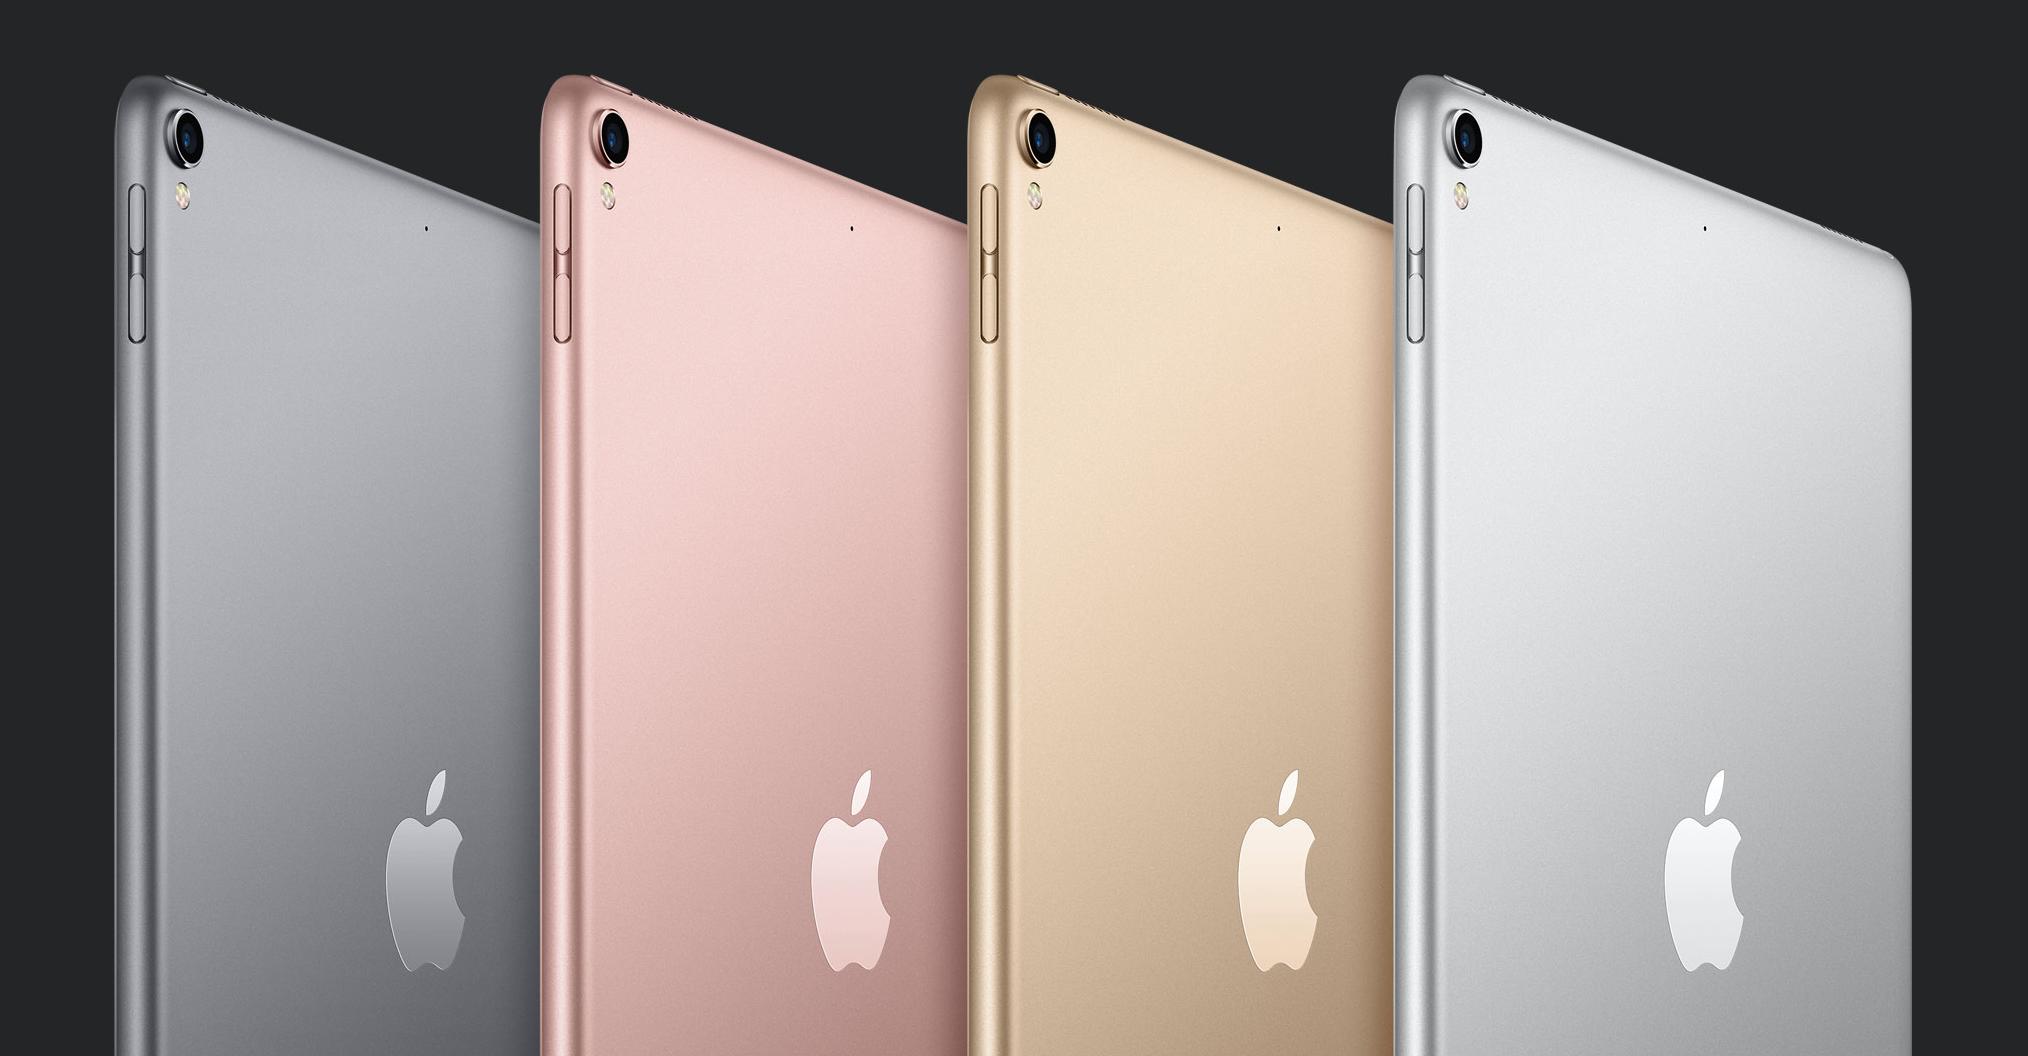 10,5 tuuman iPad Pro on saatavilla neljänä eri värivaihtoehtona.